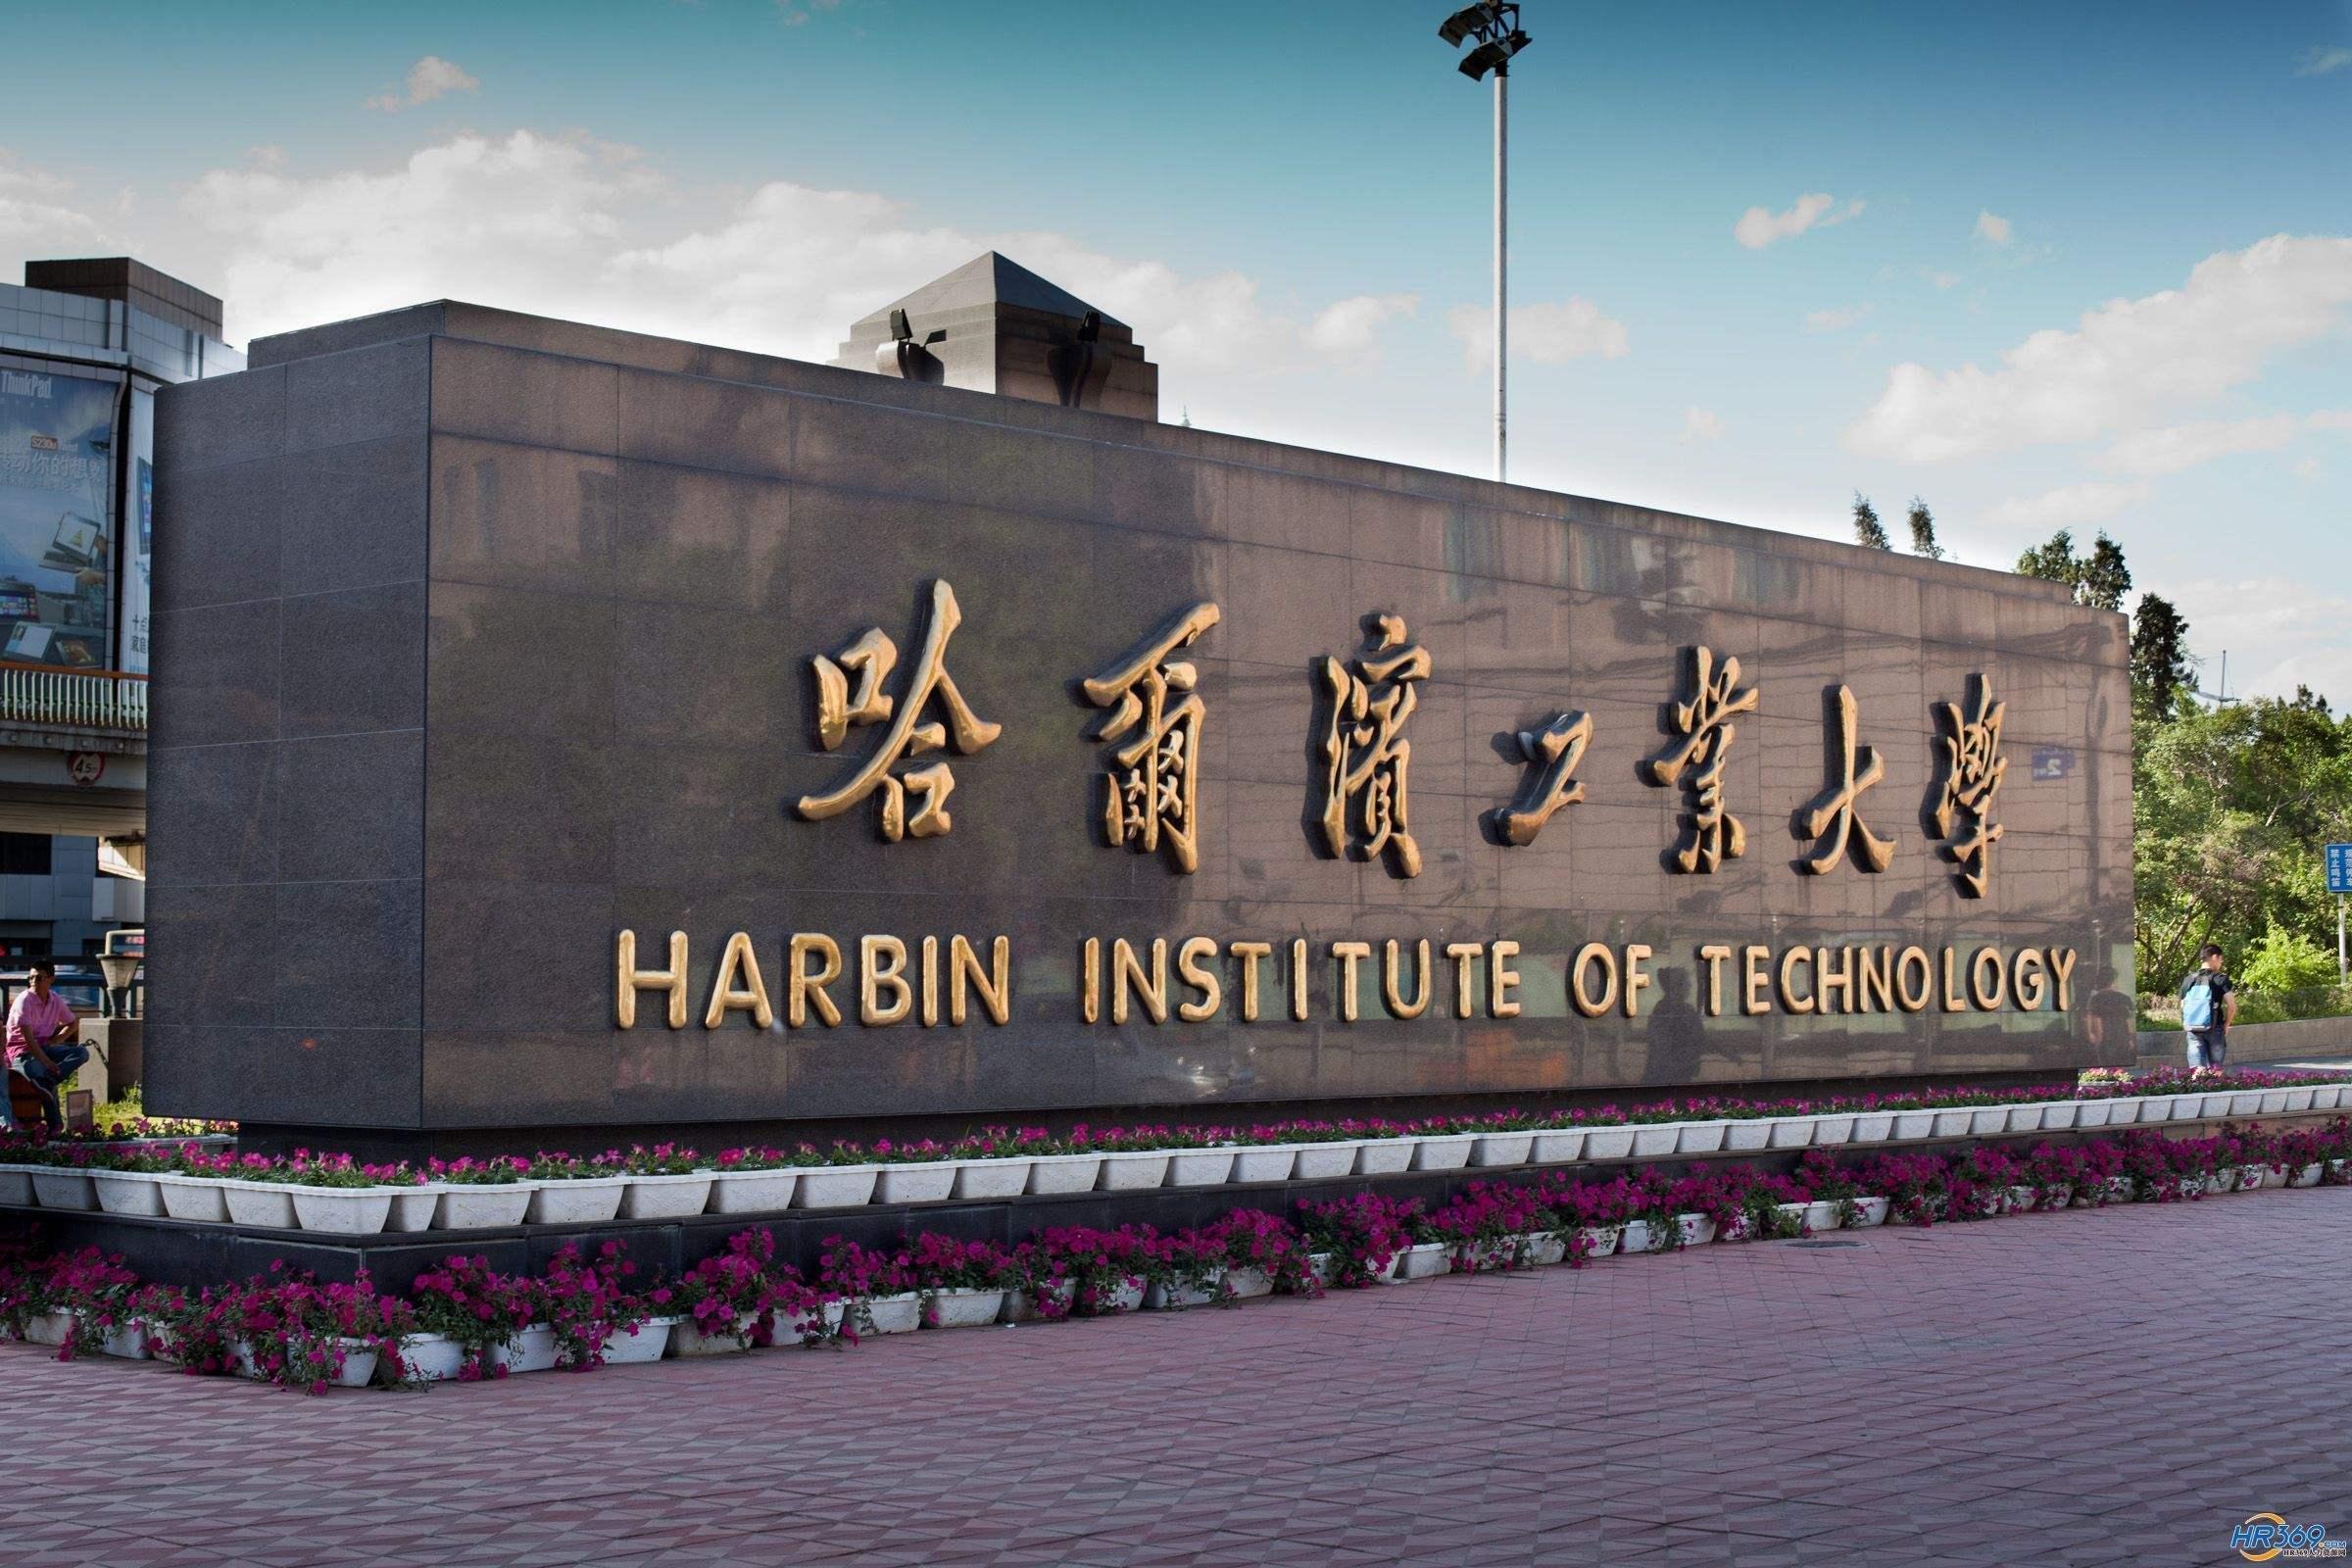 哈尔滨工业大学在985大学中是什么地位 实力名校,却有点担忧